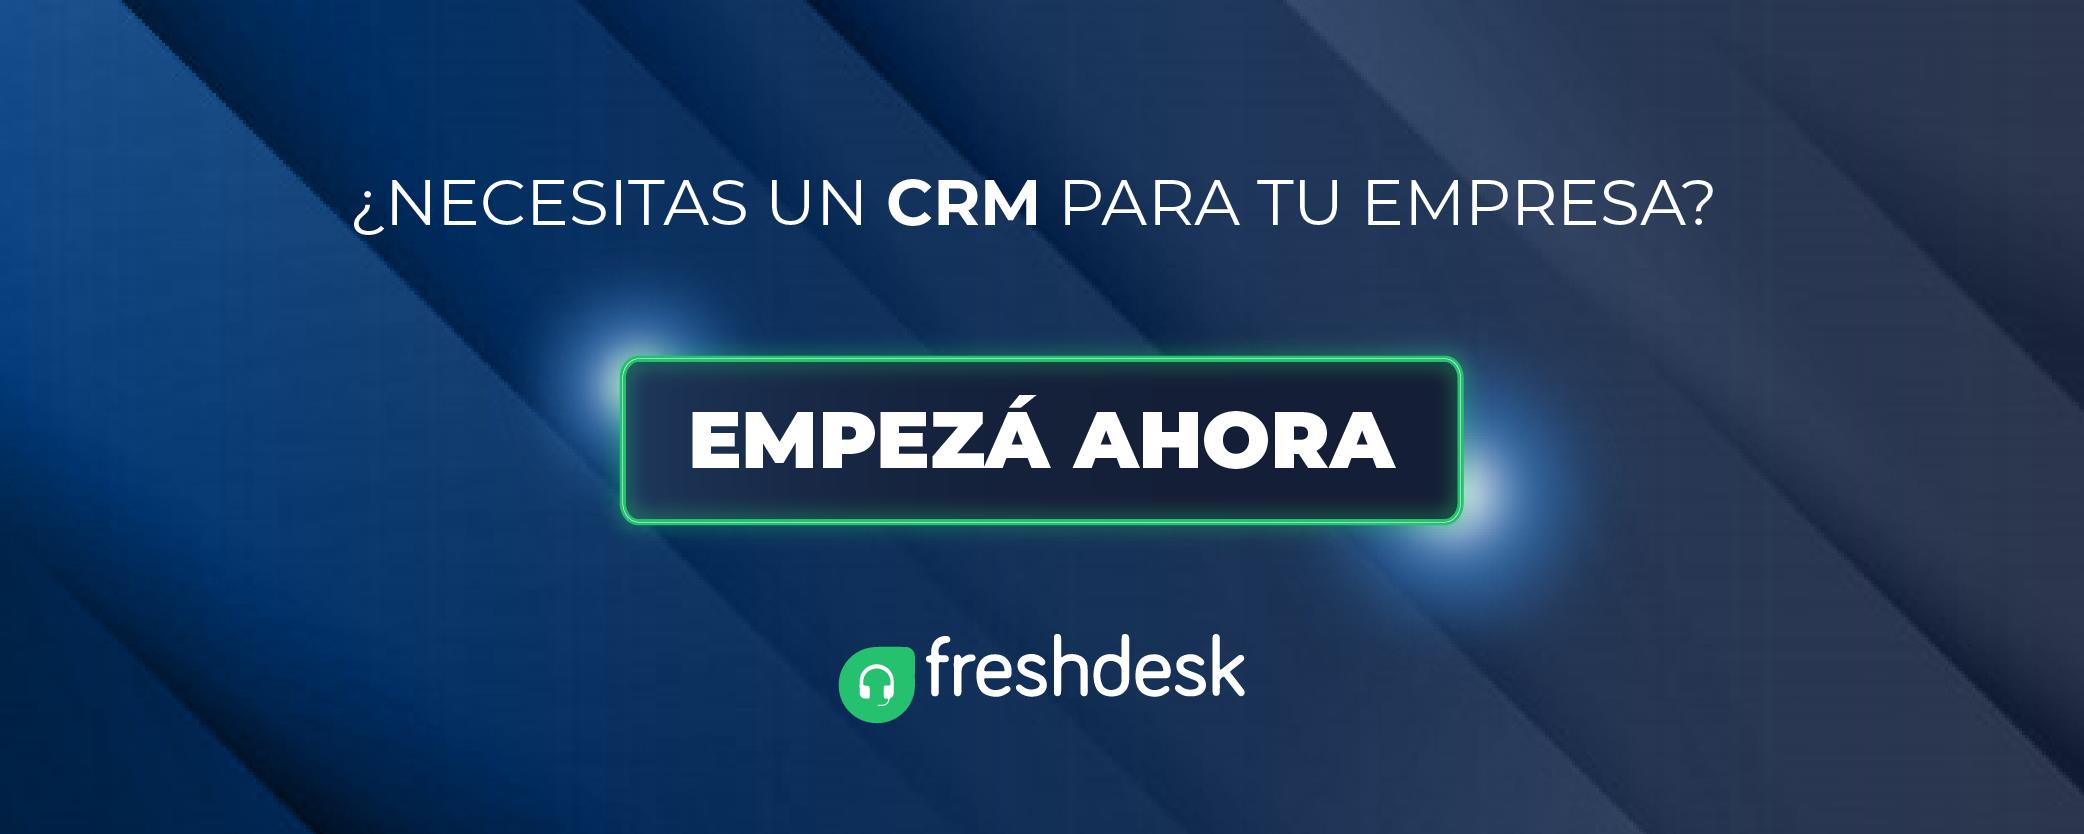 Freshdesk - crear cuenta